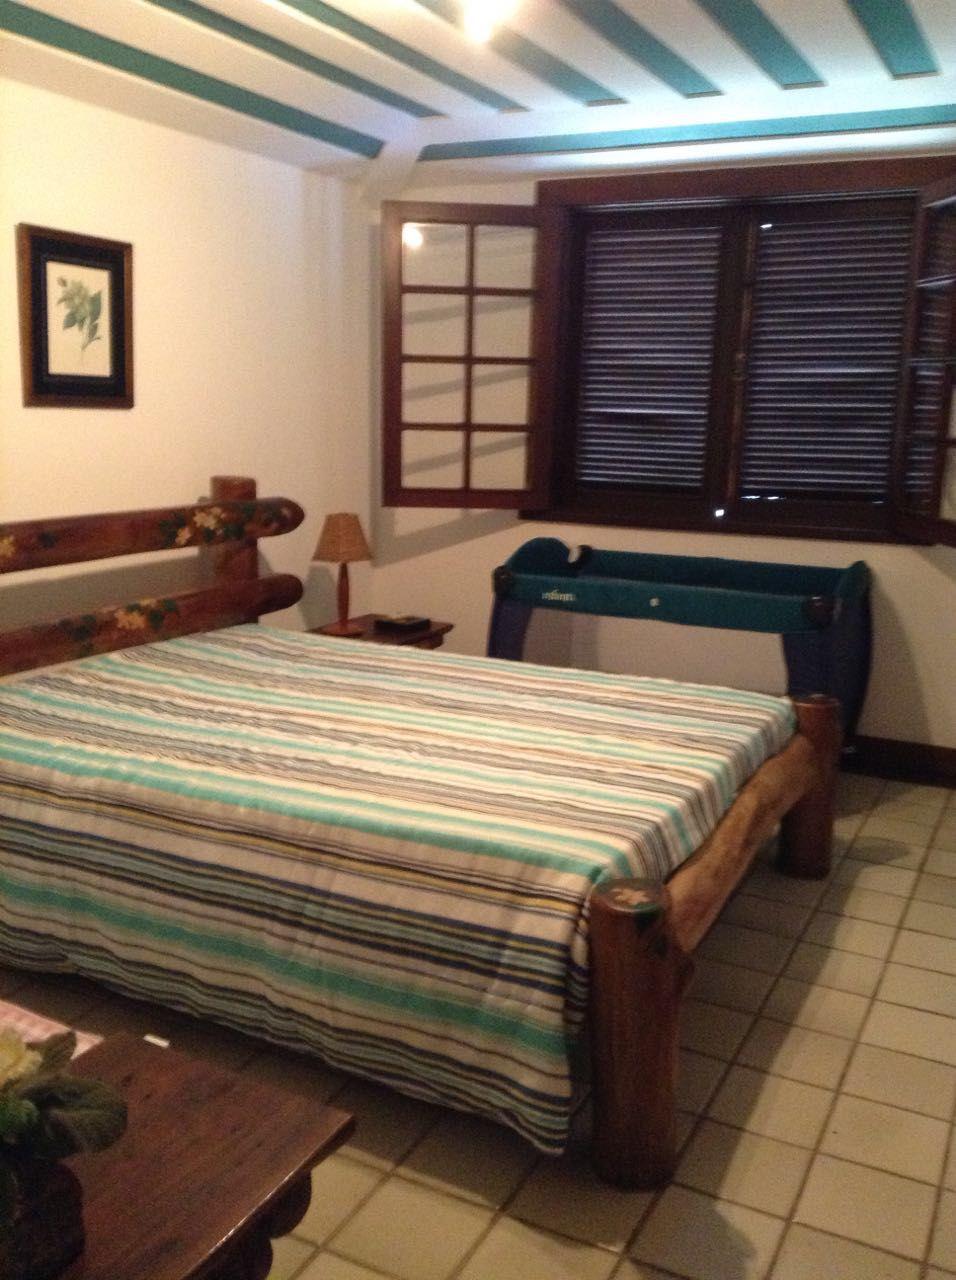 Casa em Condomínio para venda e aluguel Rua João Fernandes,João Fernandes, Armação dos Búzios - LTJF3 - 26